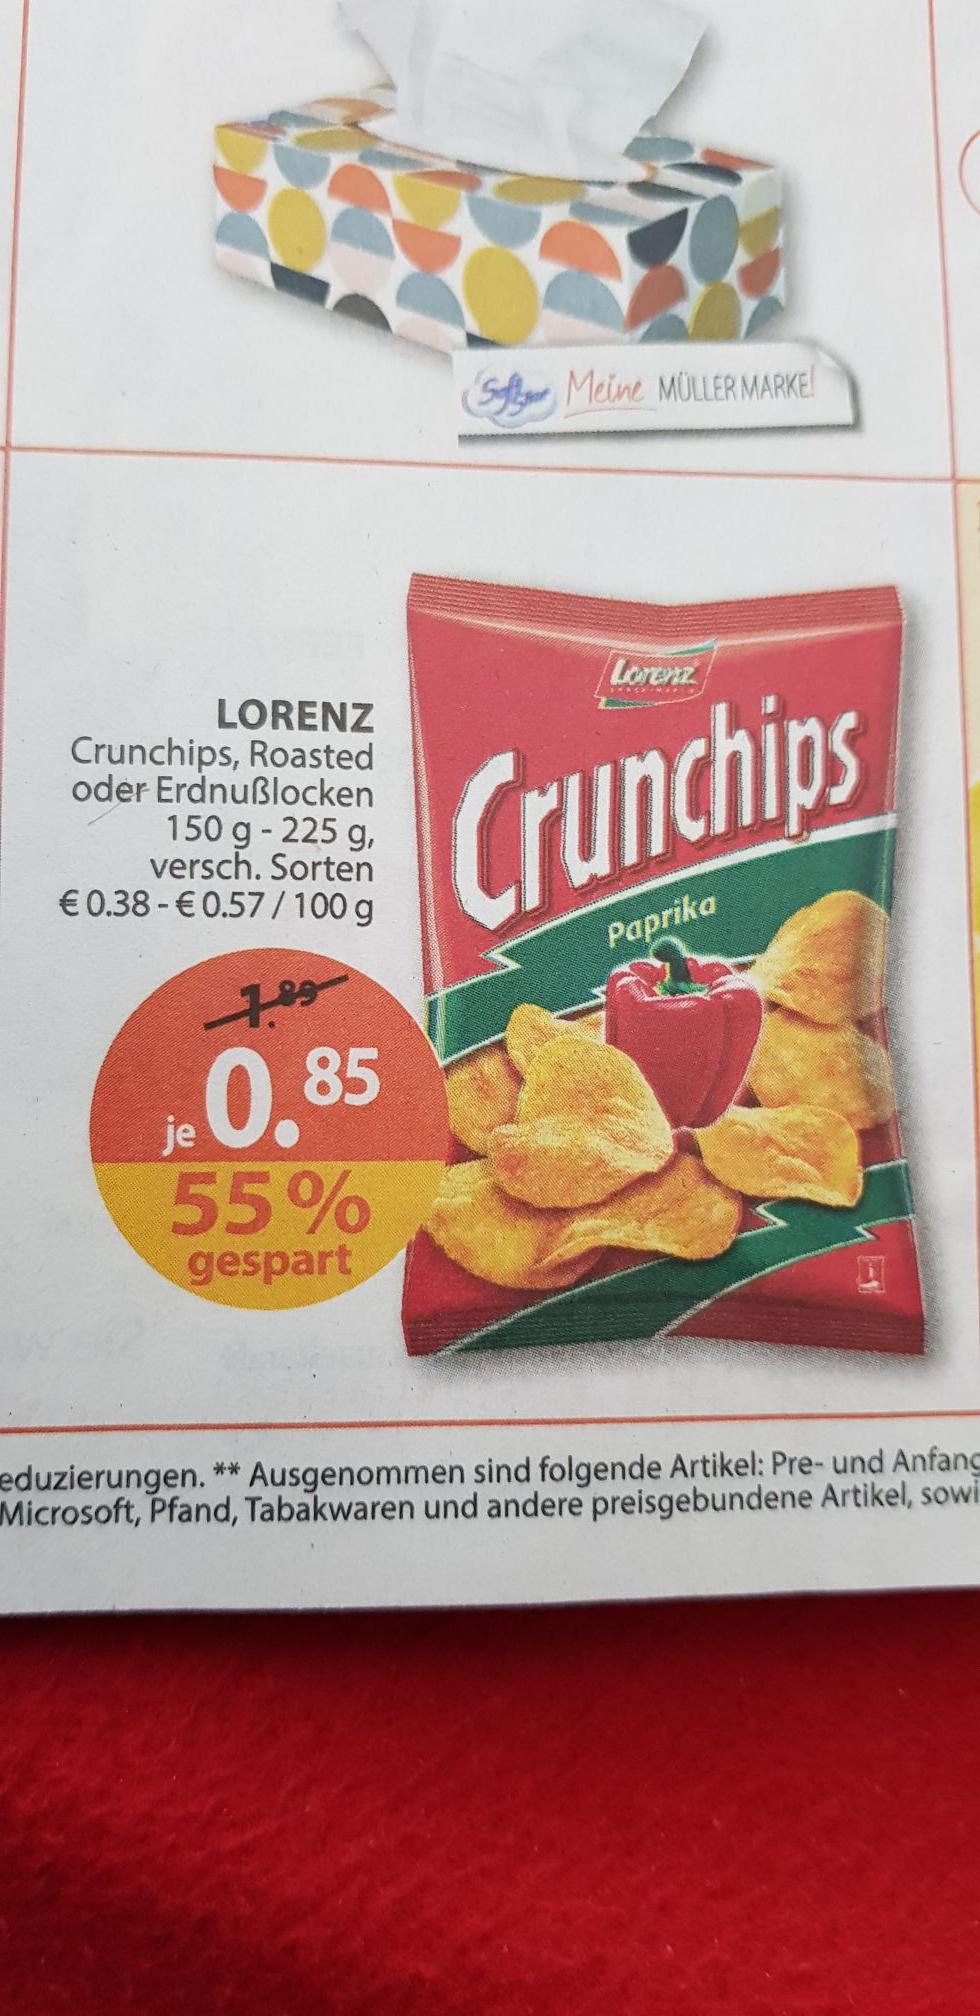 Erdnusslocken/ Crunchips von Lorenz